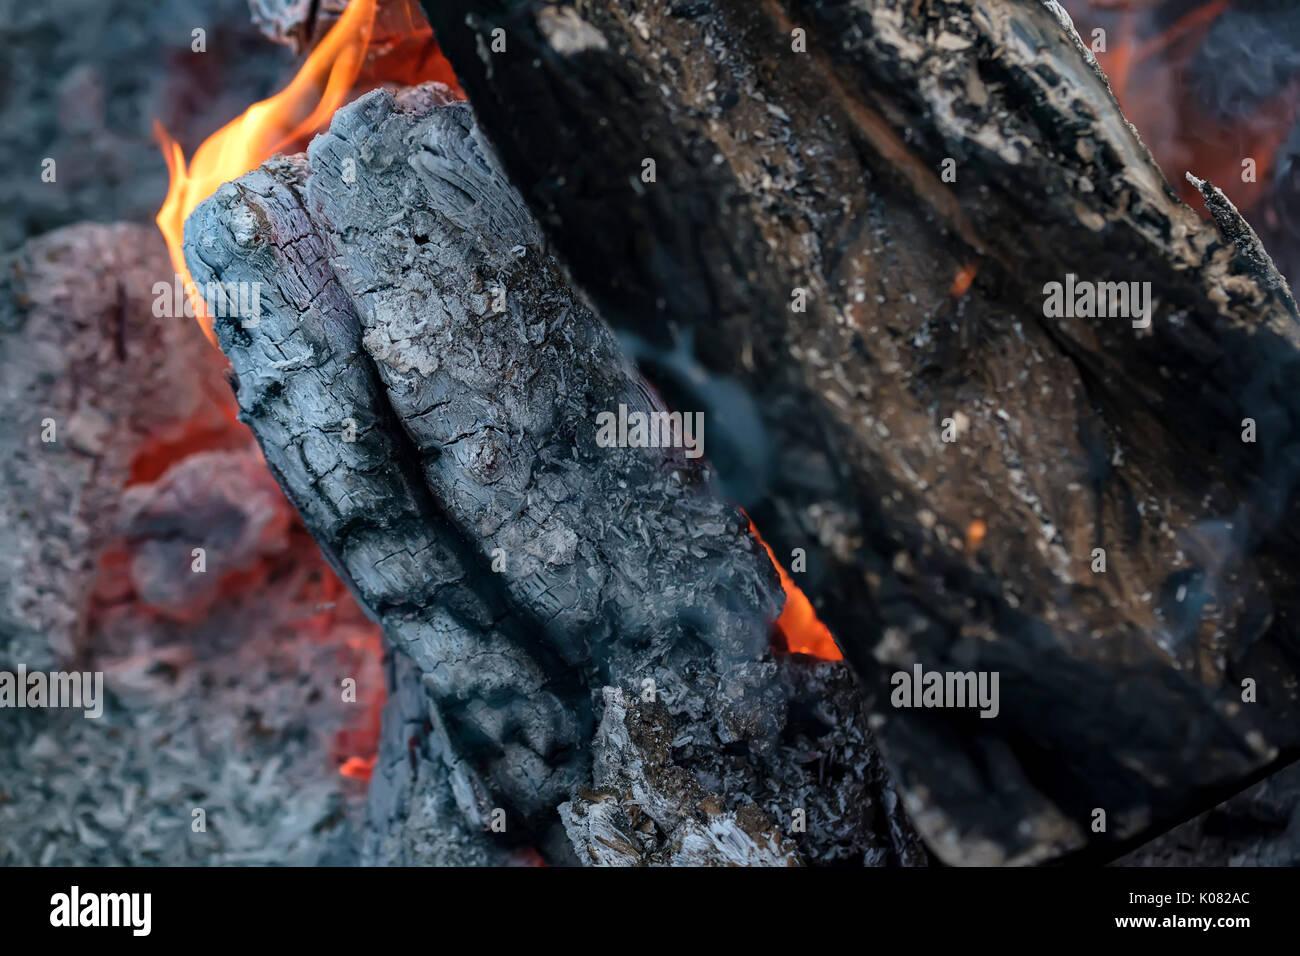 ashes burning charcoal stock photos u0026 ashes burning charcoal stock